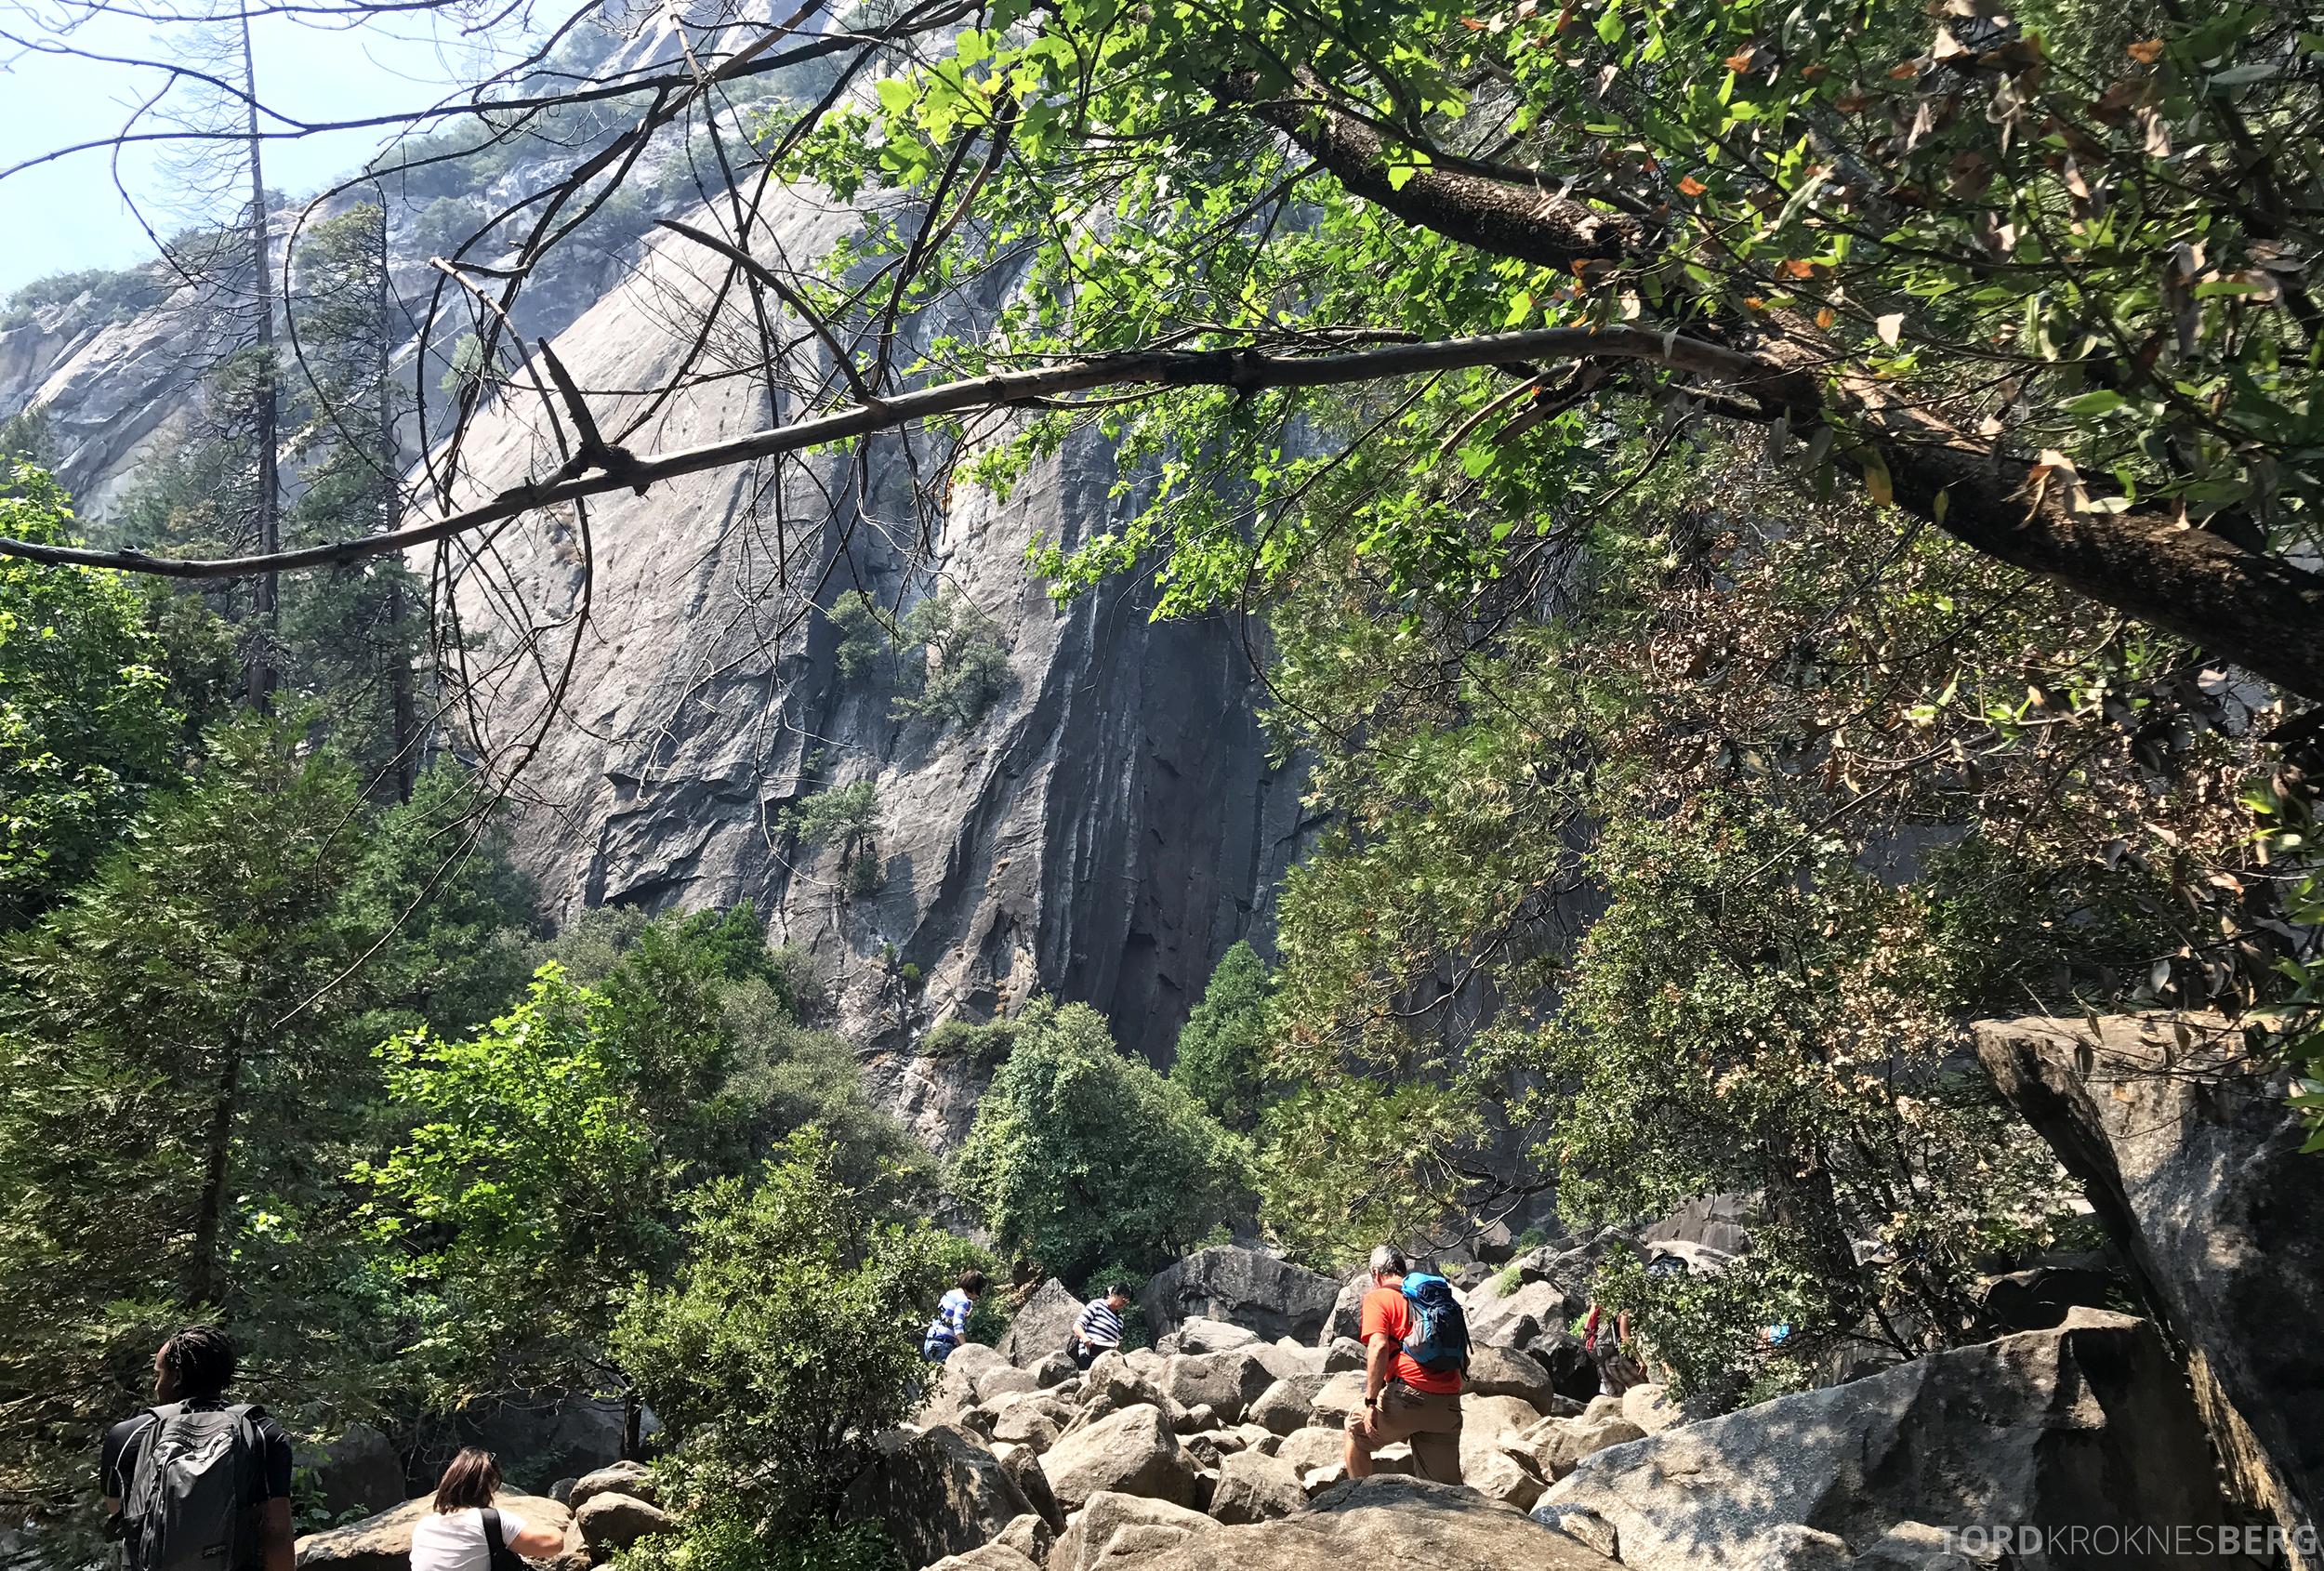 Yosemite Tour turterreng